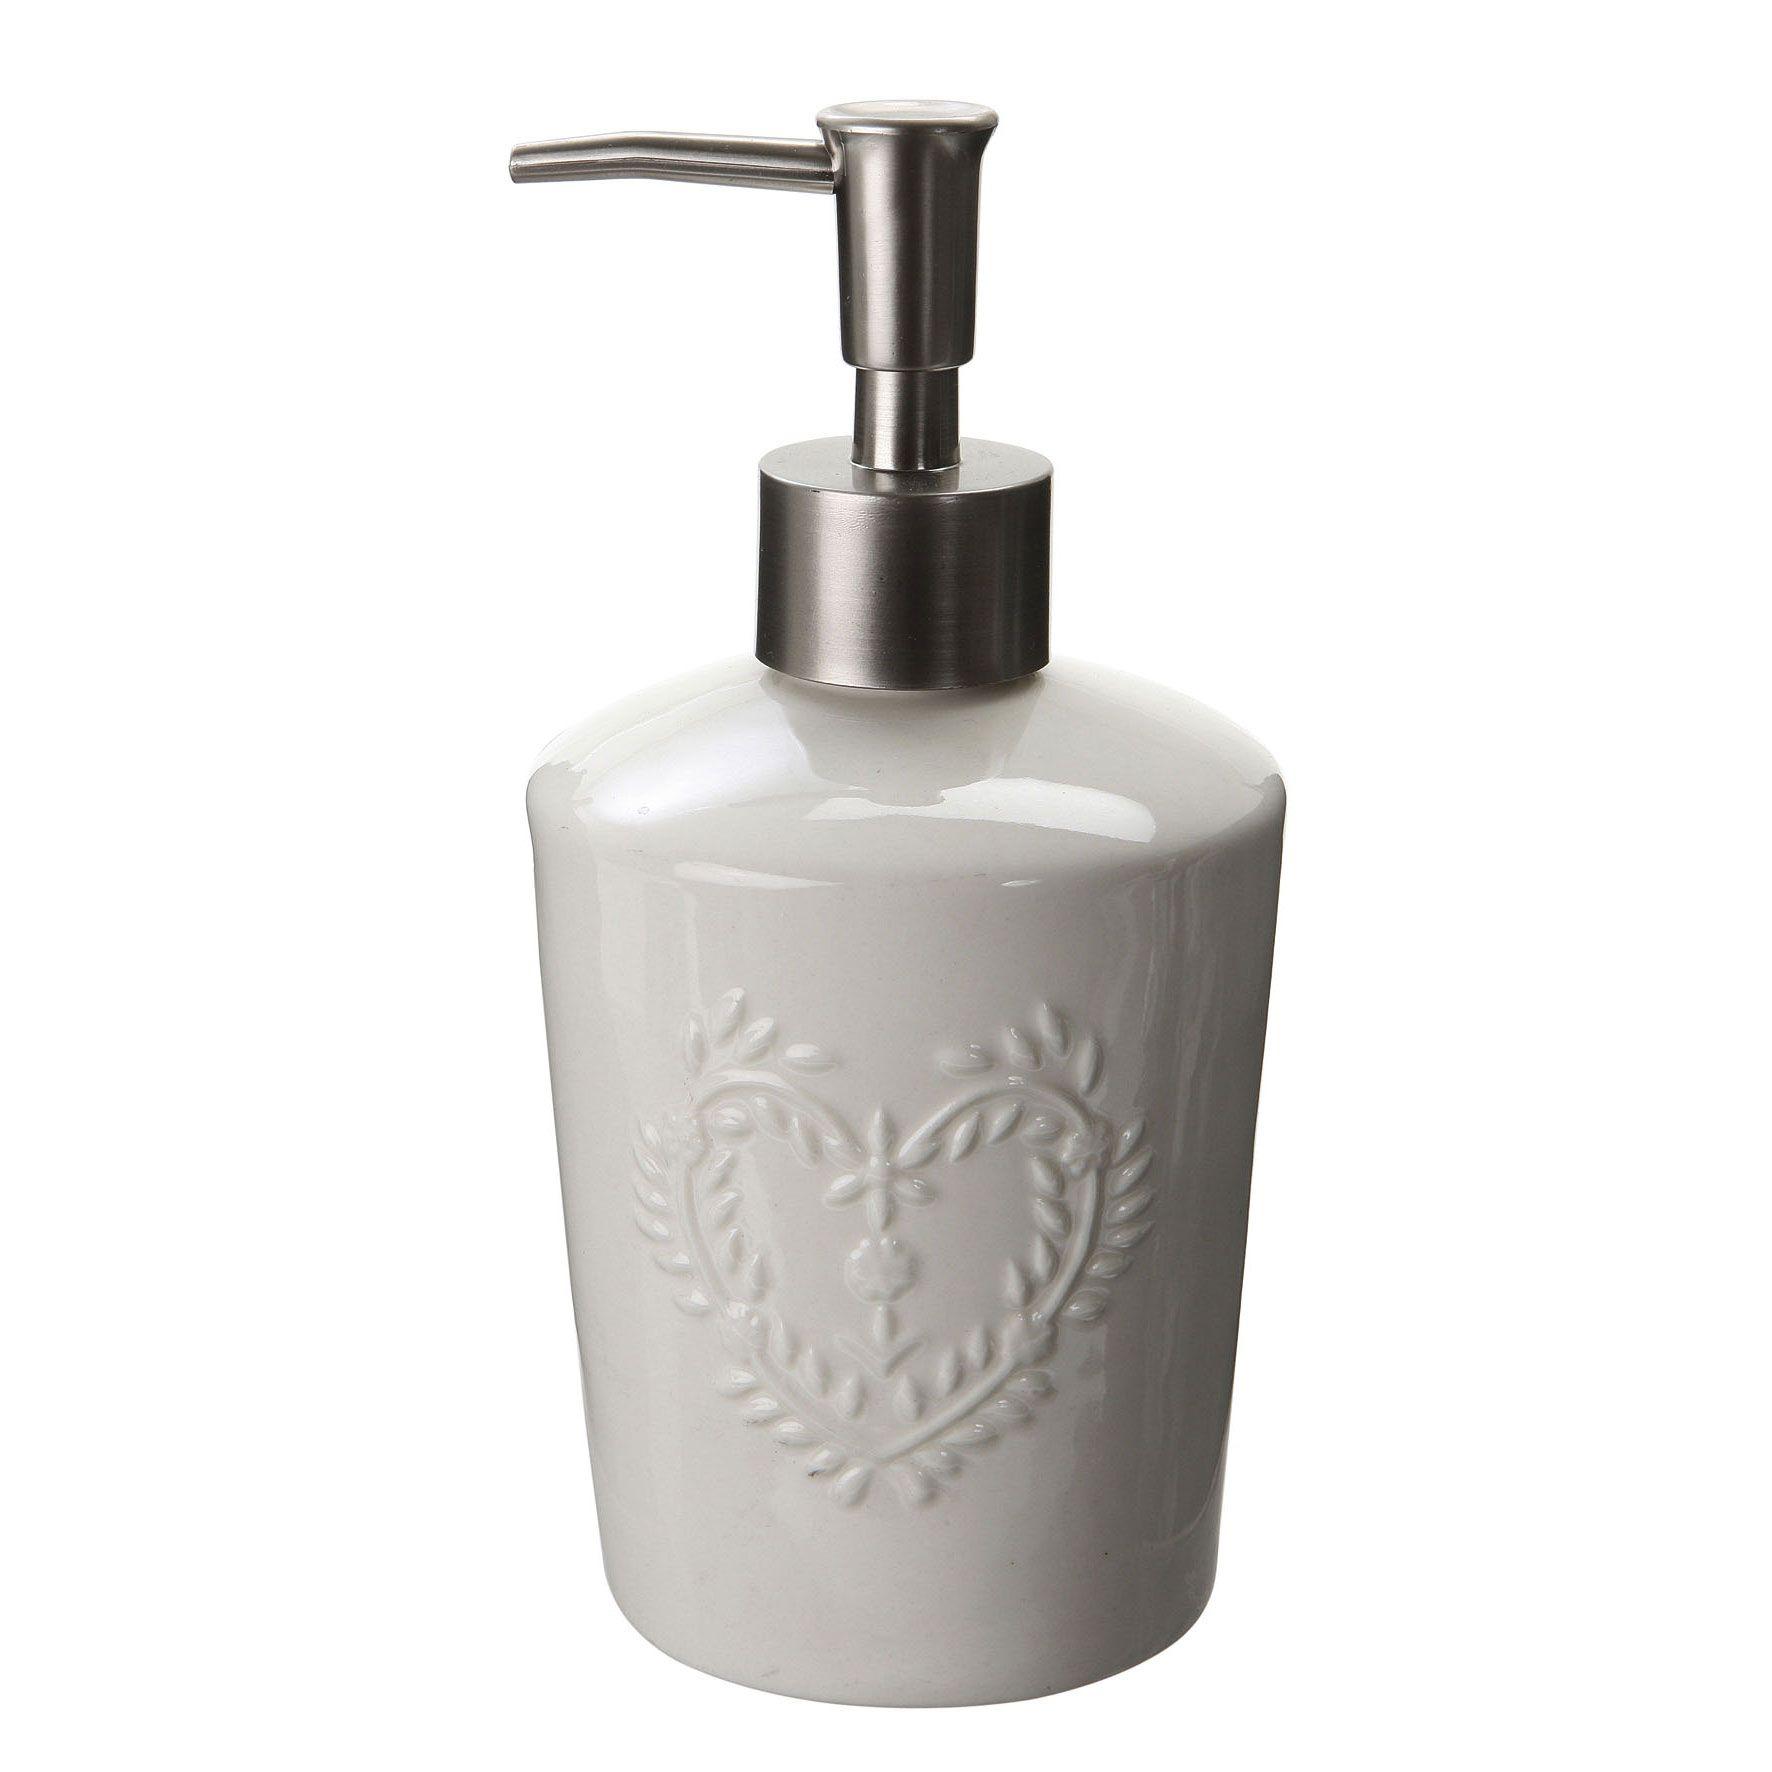 Perfect rcipient porcelaine mcanisme mtal dimensions x cm couleur blanc porte savon liquide les - Porte savon liquide mural ...